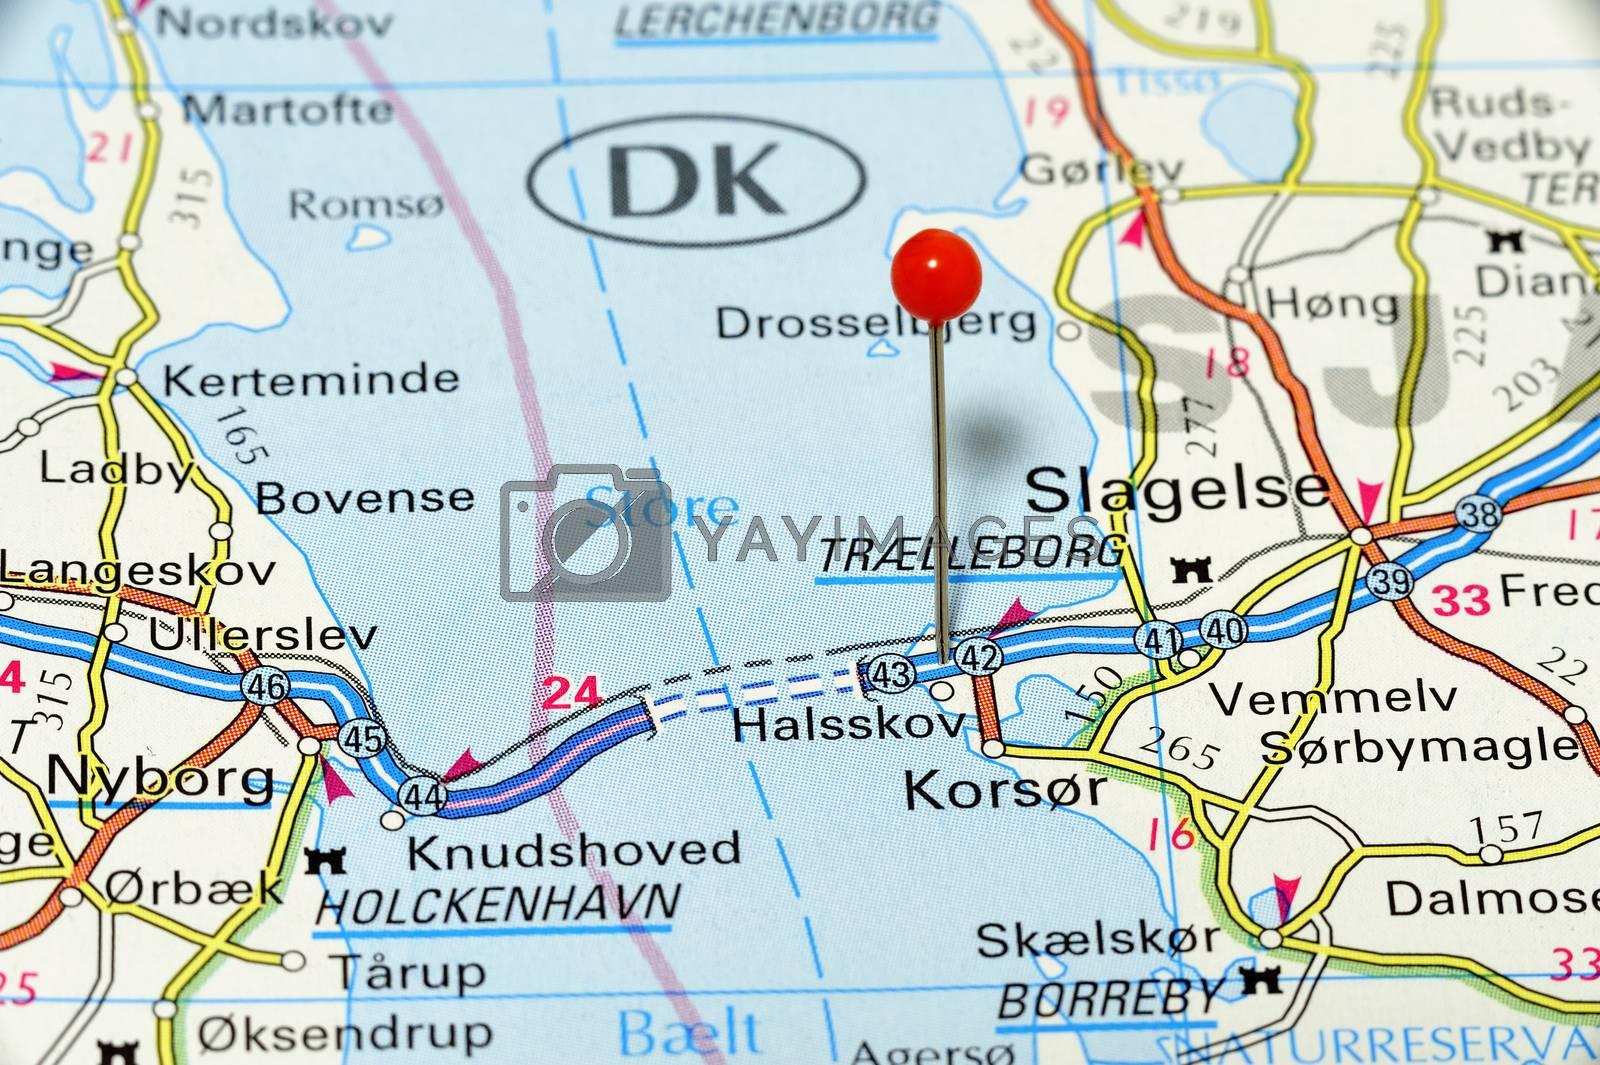 Closup map of Halsskov. Halsskov a city in Denmark.